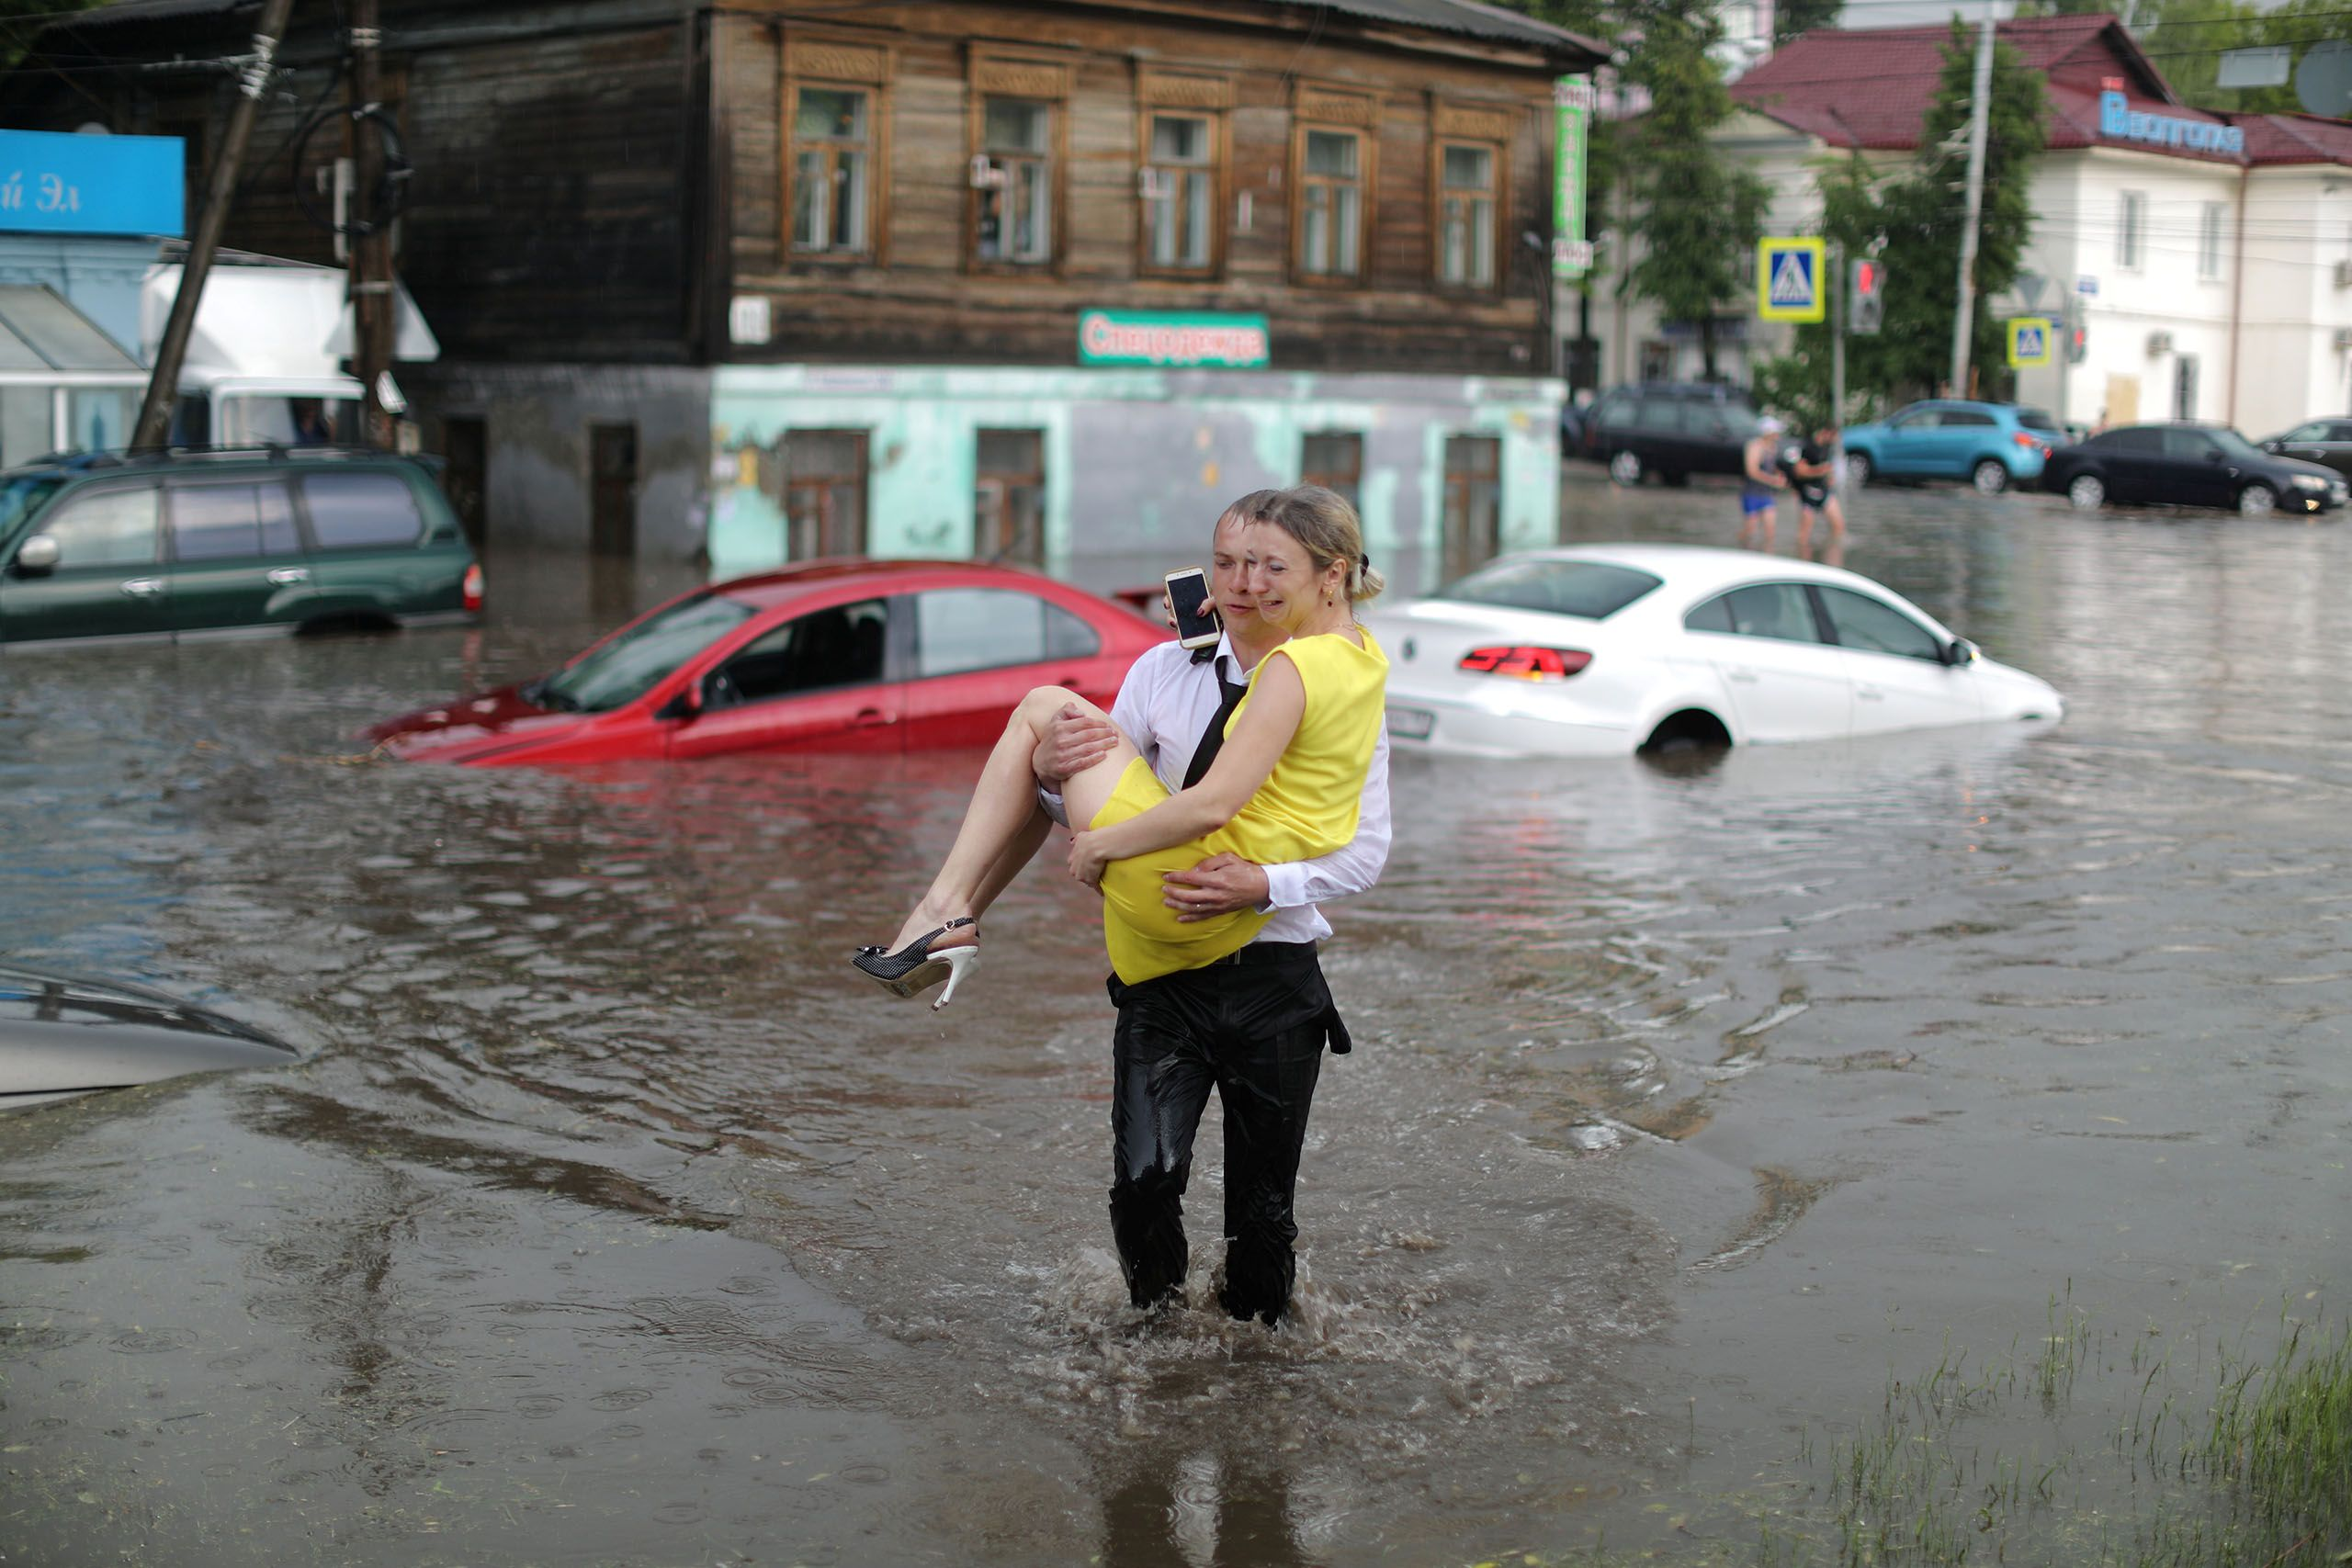 JUNE 19, 2018 NIZHNY NOVGOROD, RUSSIA